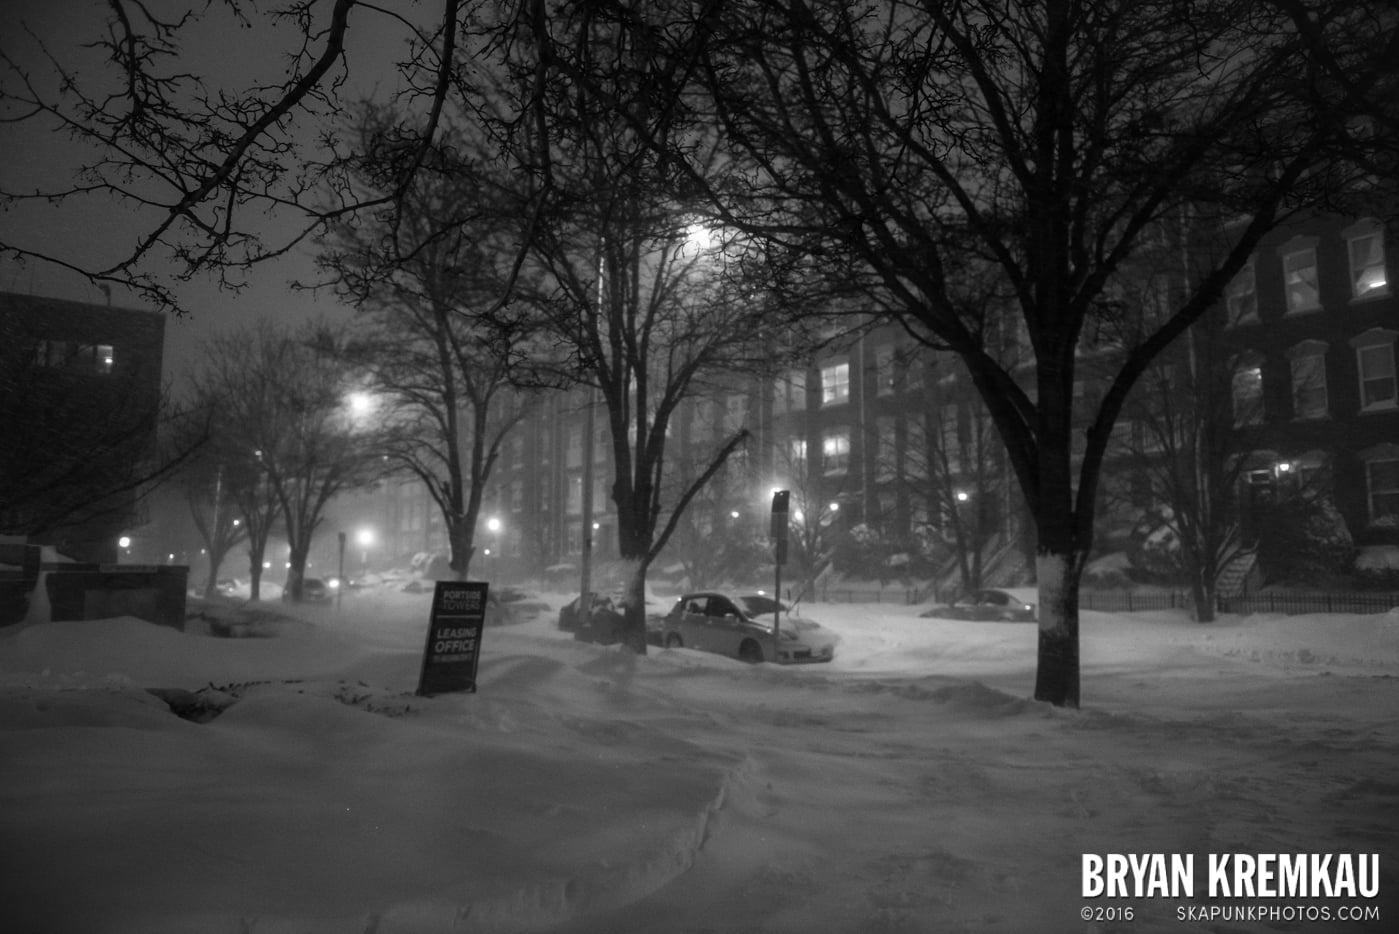 Blizzard 2016 in Jersey City, NJ - 1.23.16 (2)